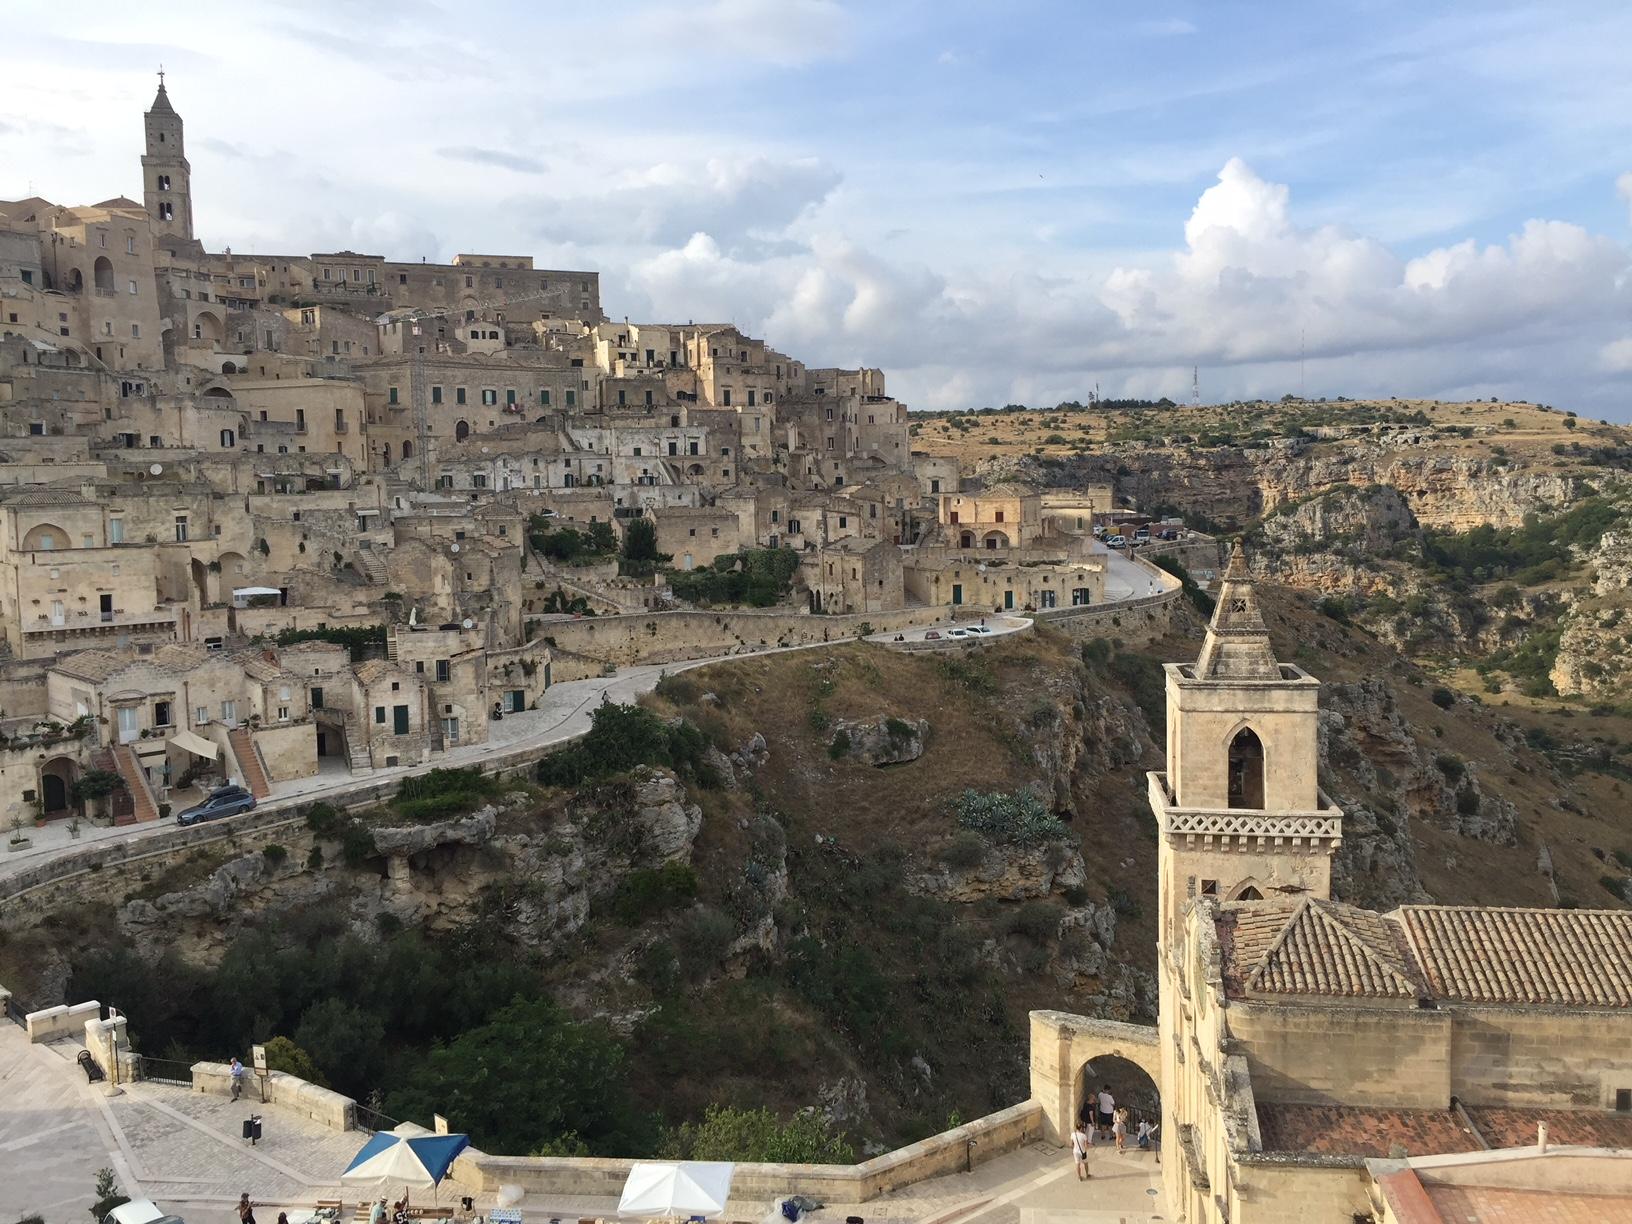 Matera (Basilicata, Italy)